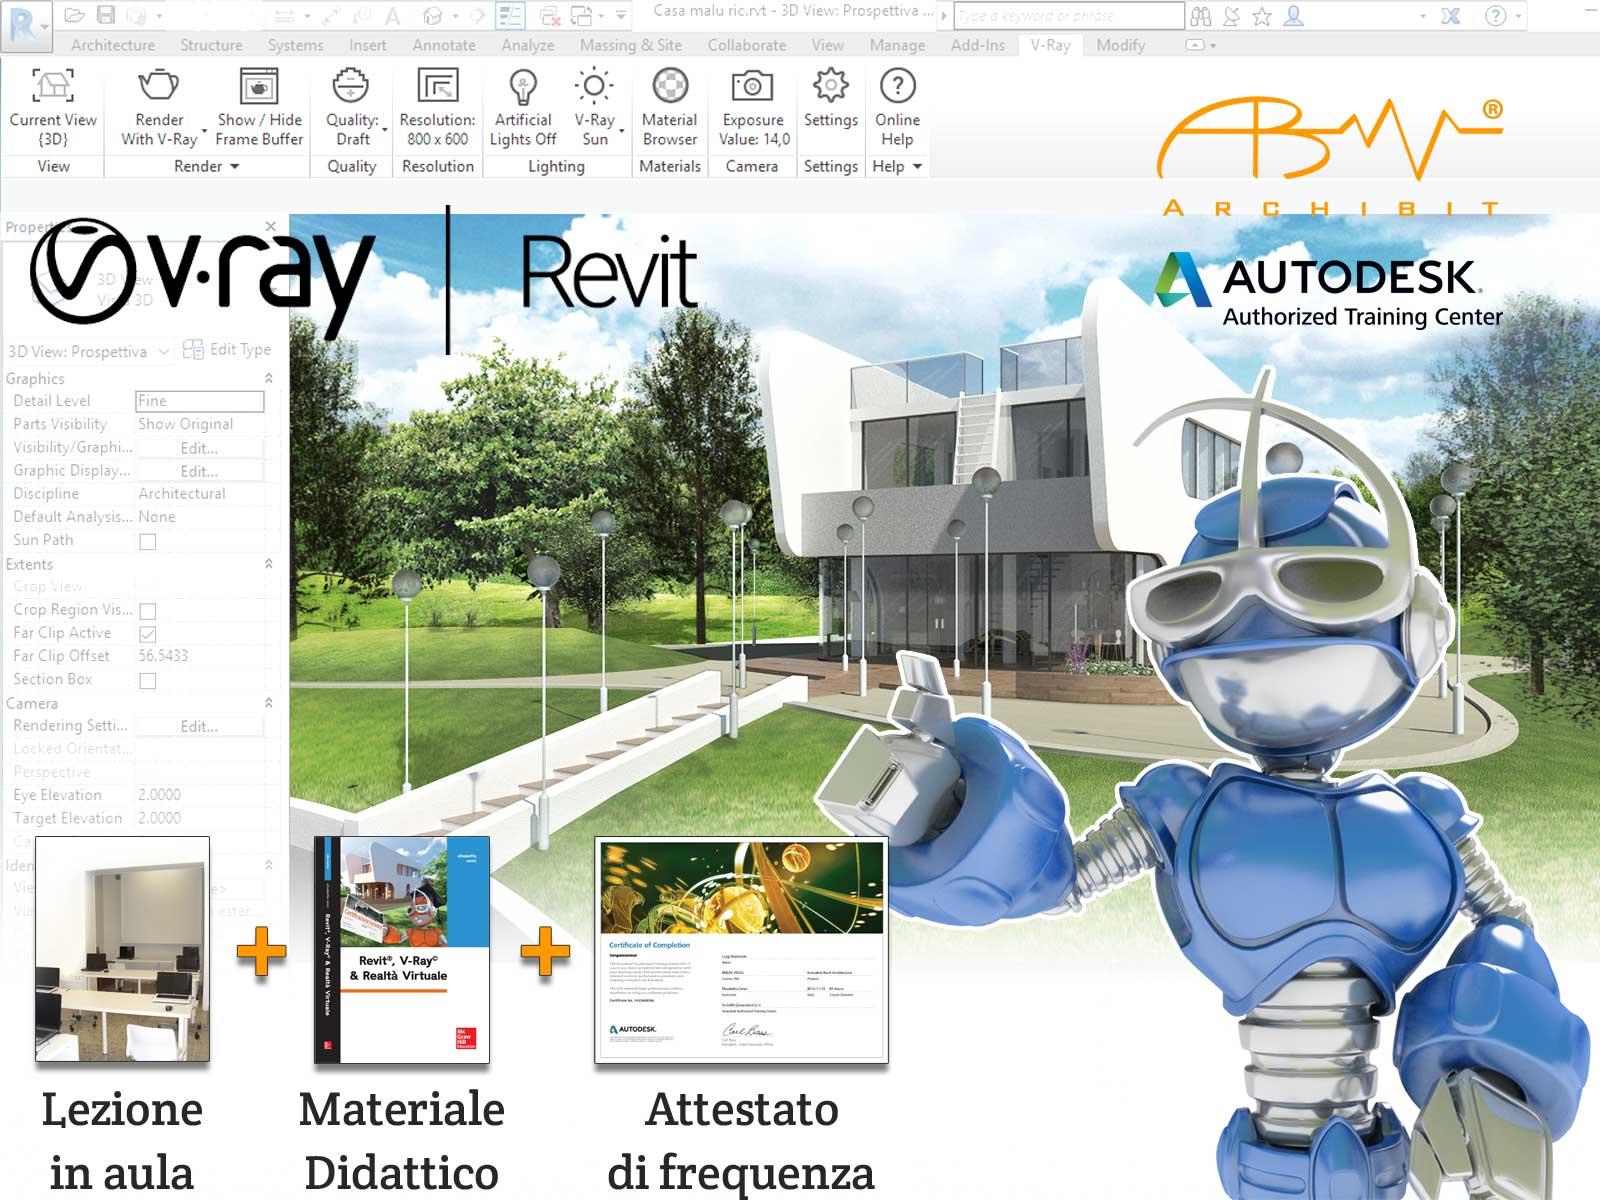 Corso V-Ray per Revit - ArchiBit centro corsi Autodesk Revit e Vray e Realtà Virtuale VR a roma